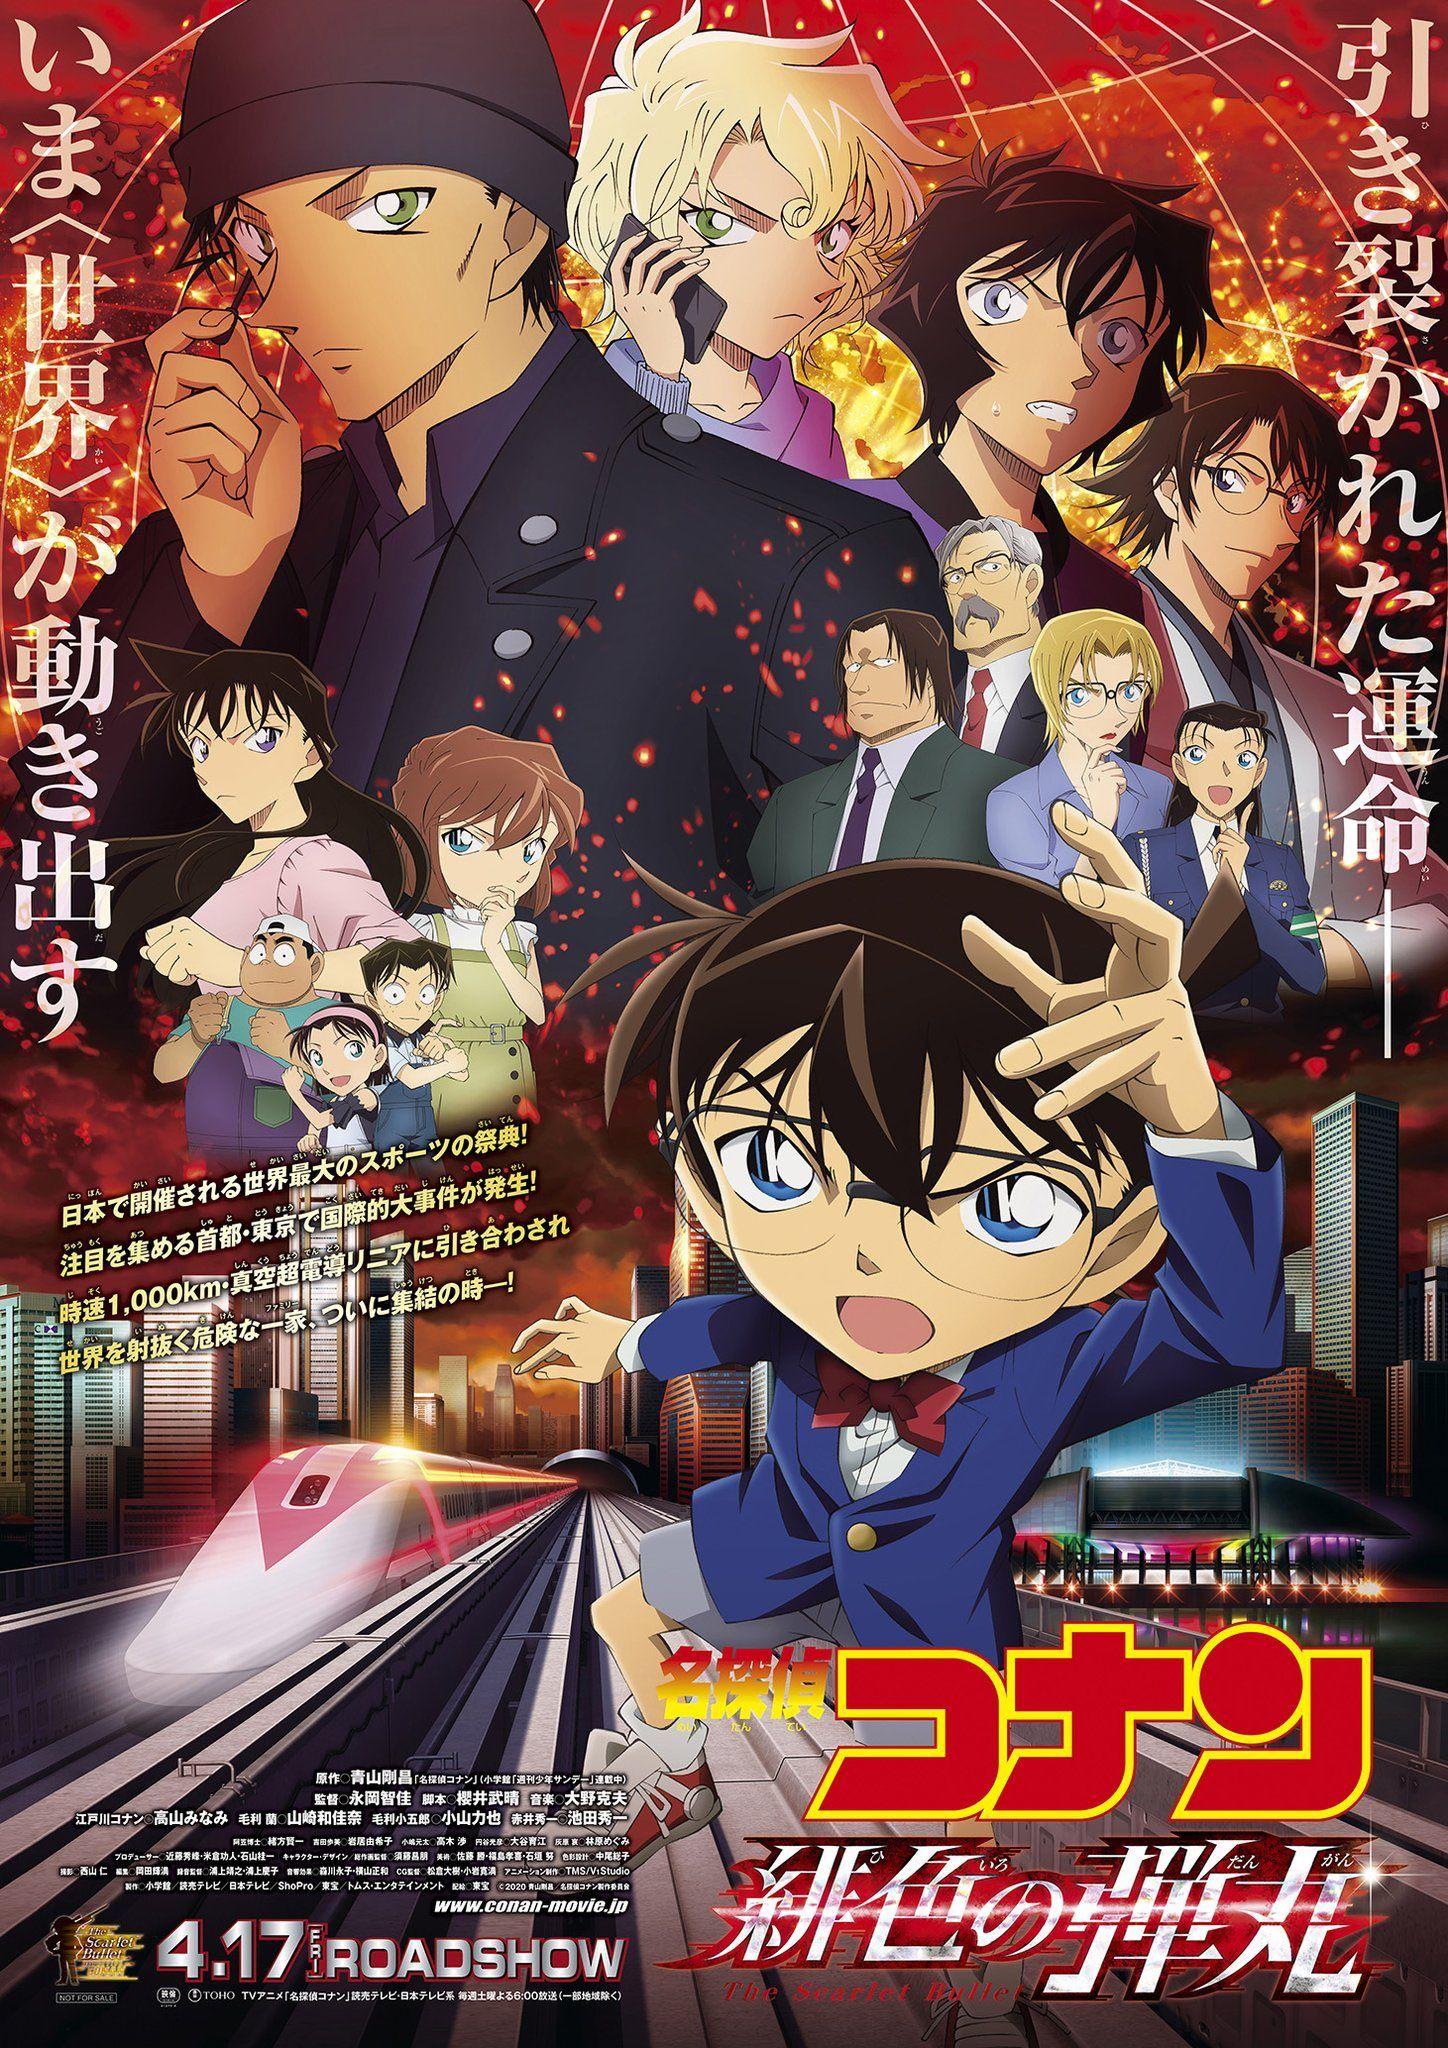 Anime deutsch ganzer film